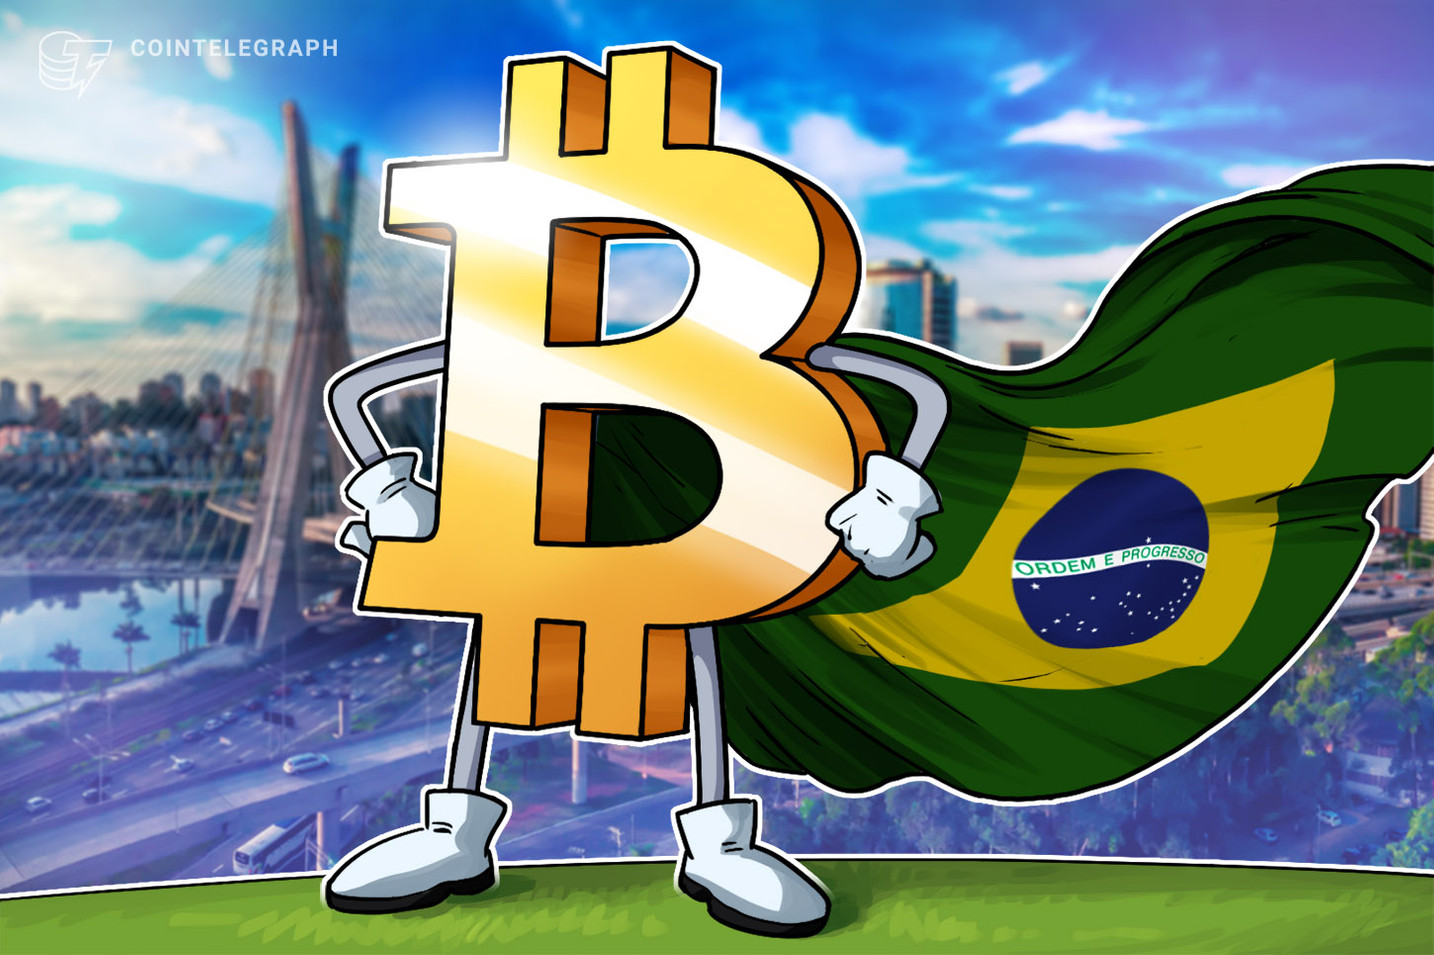 Resumo da Semana: Otimismo com a alta do Bitcoin, falência da Credminer e polêmica na recuperação do GBB